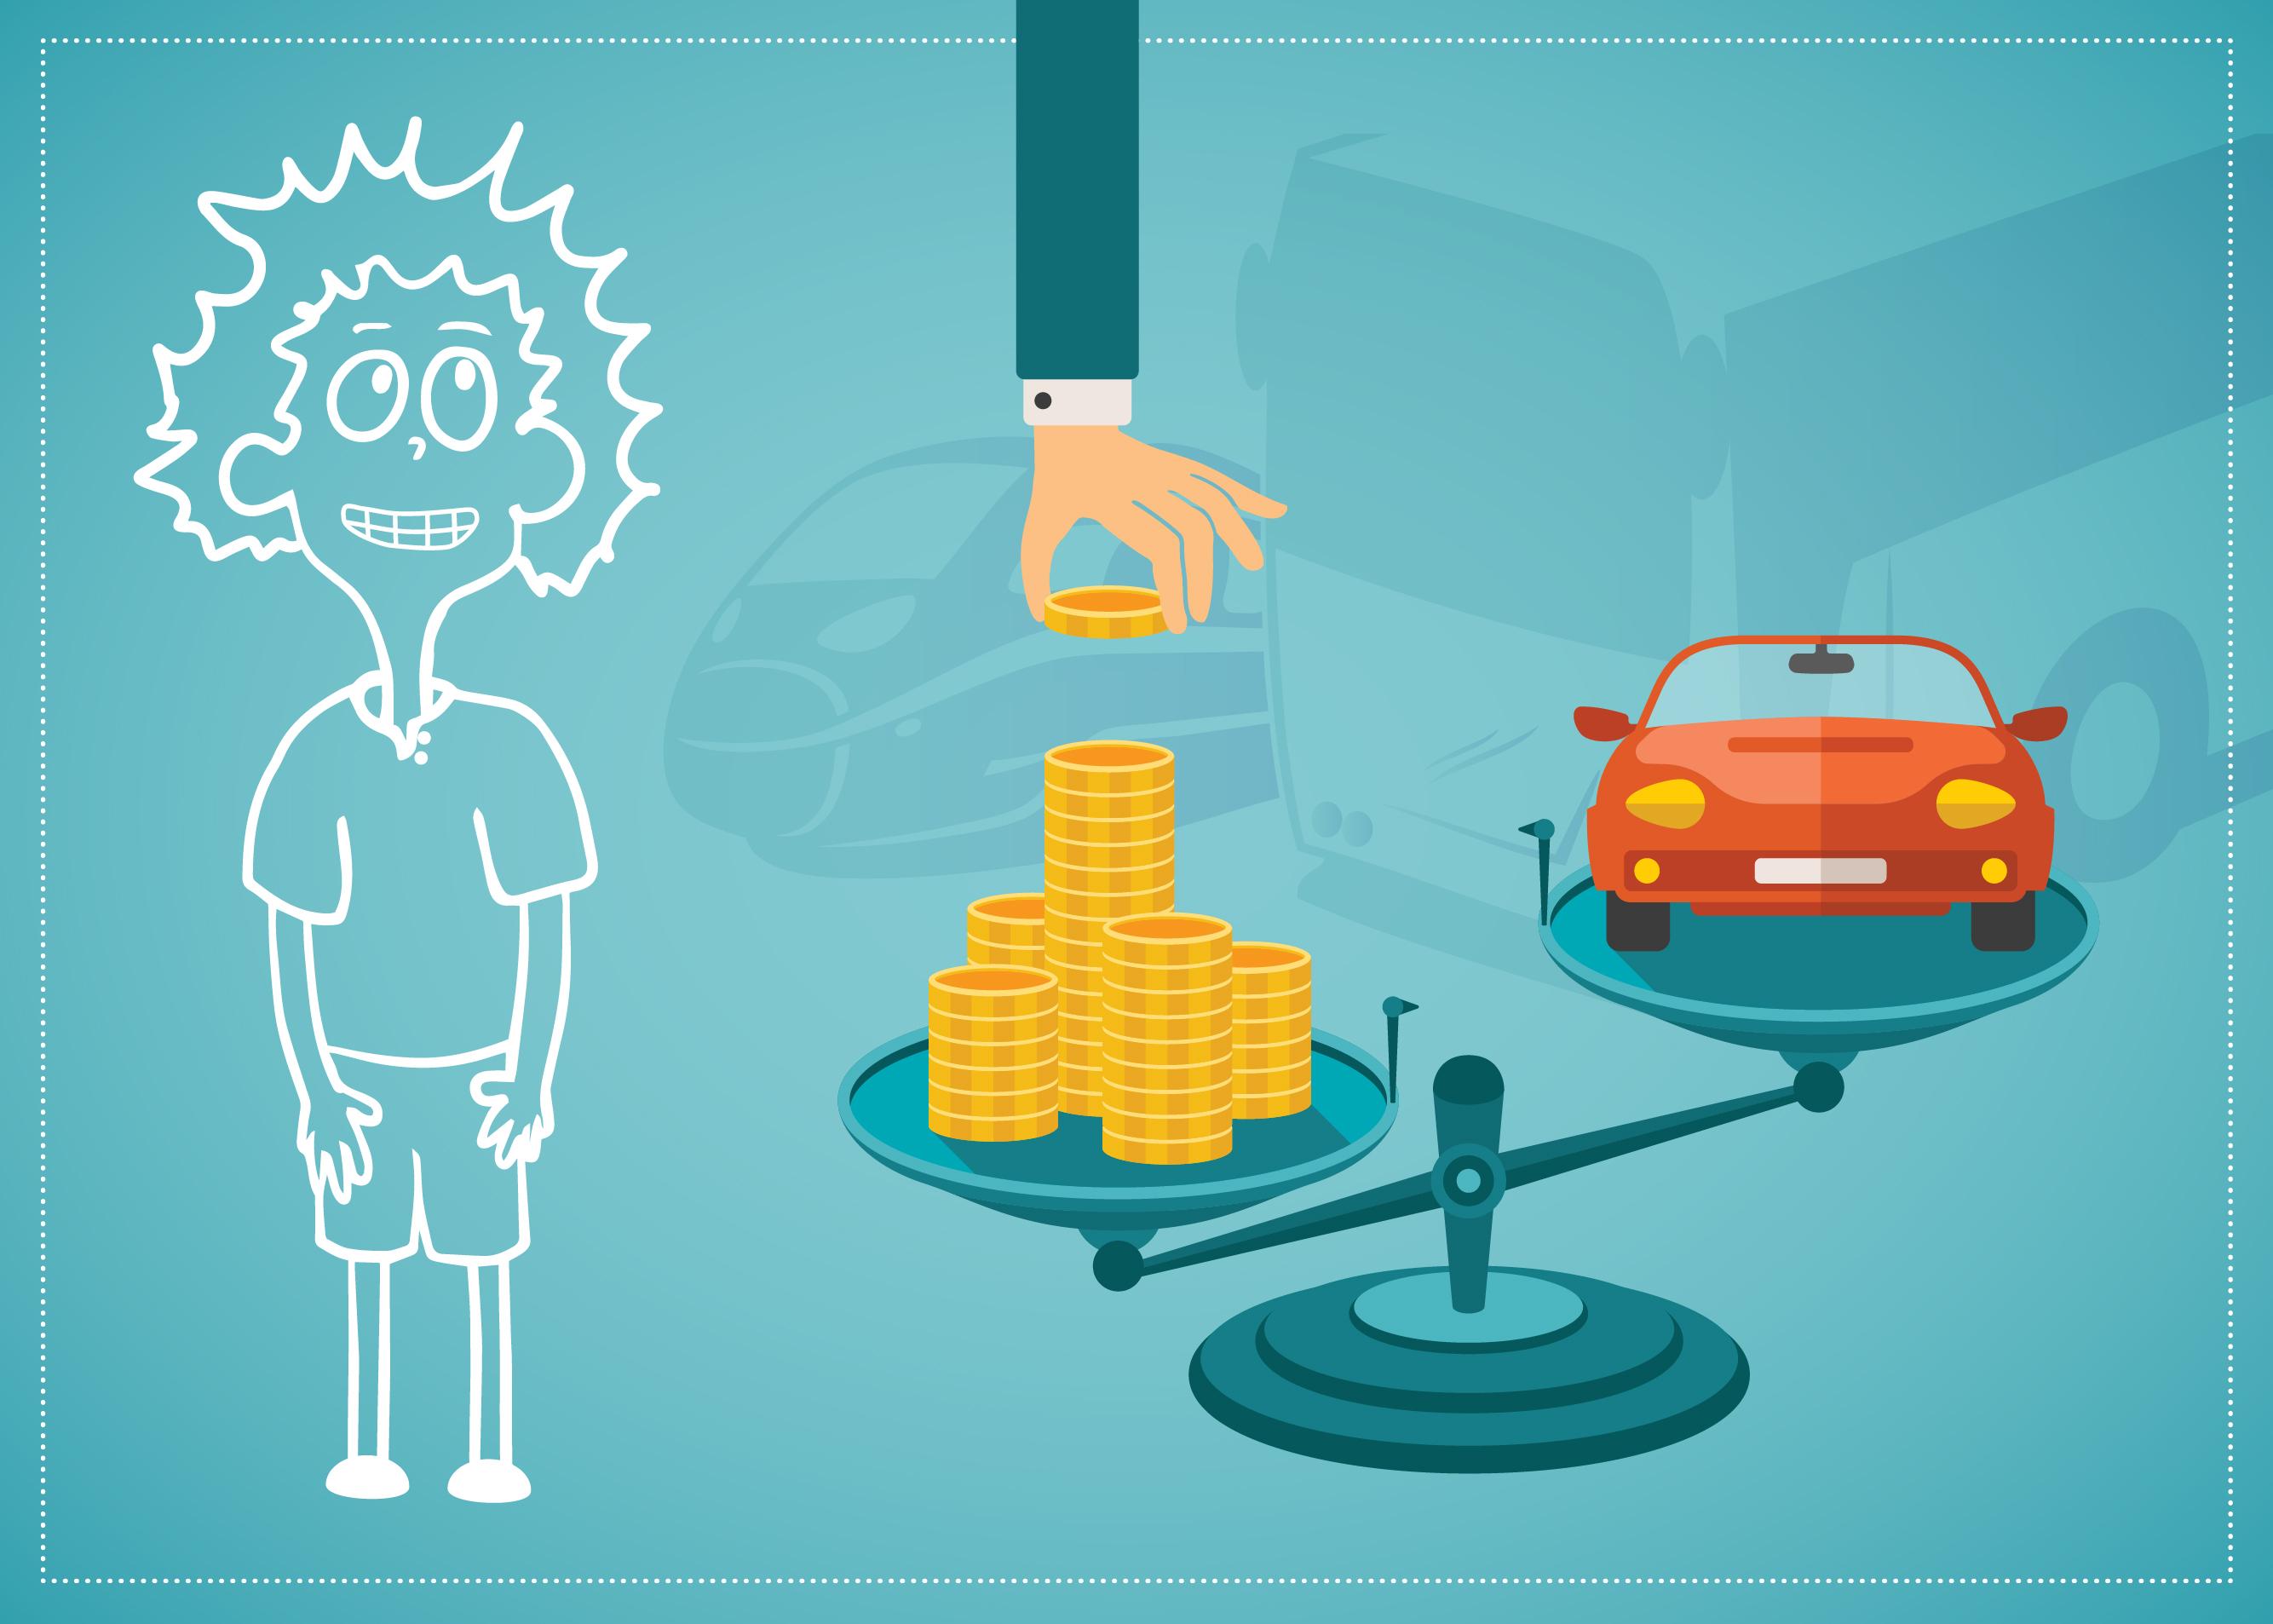 Die Fahrkosten für die Ausbildung bekommt Manni teilweise ersetzt